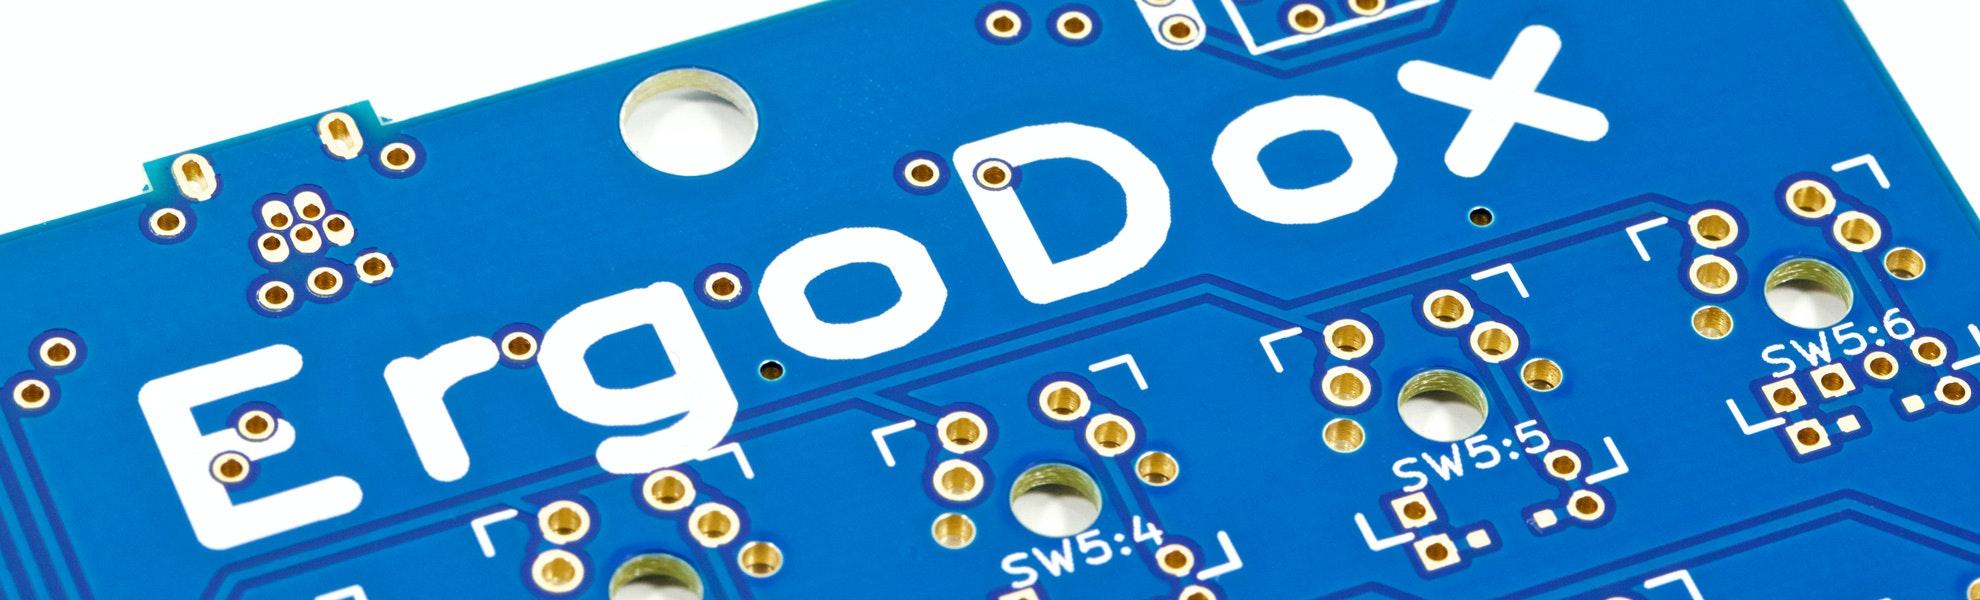 ErgoDox PCB (Single Piece)